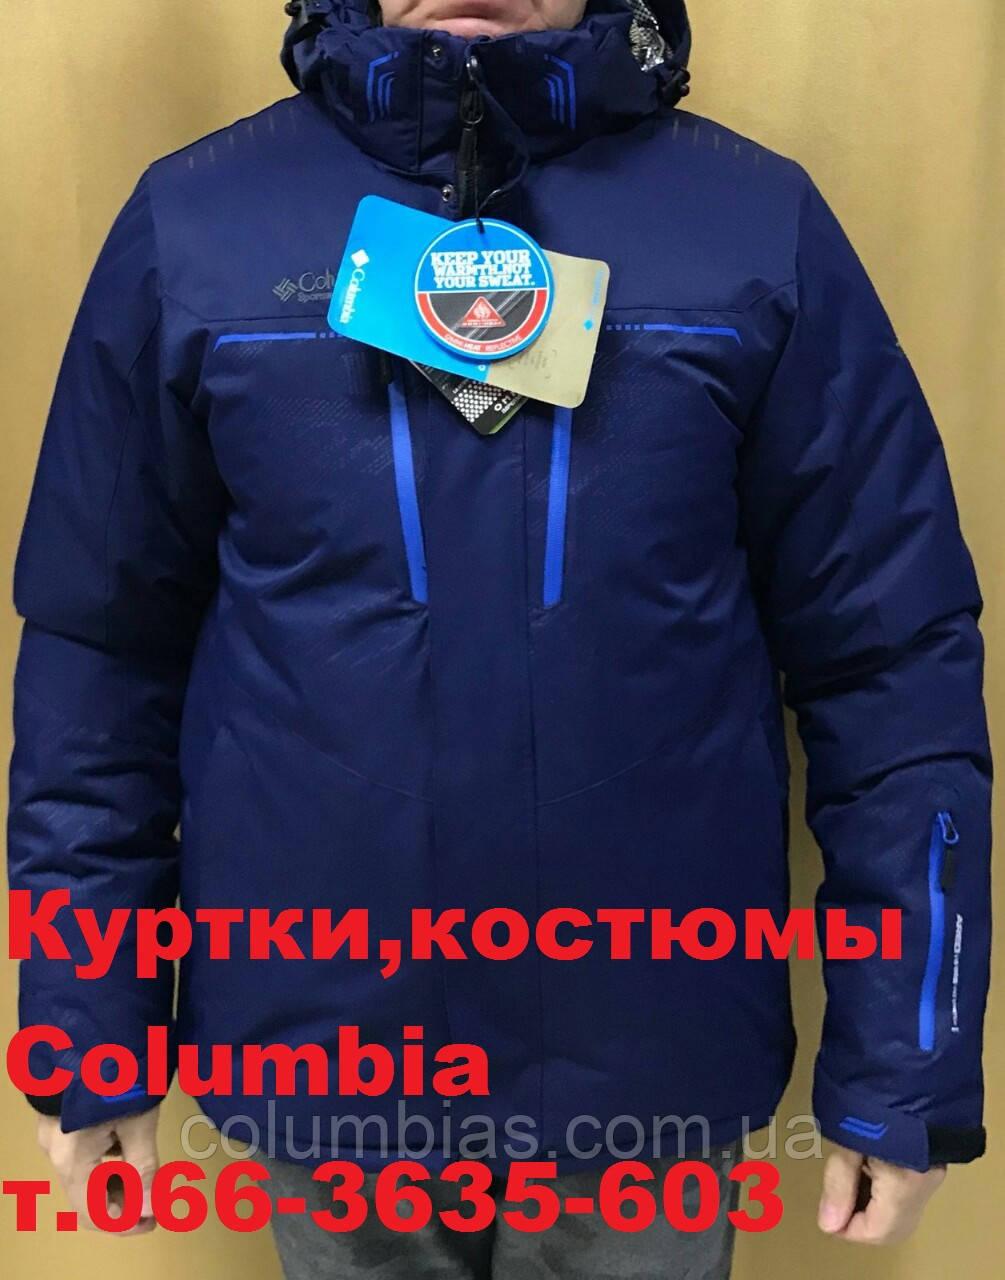 Куртки лыжные collumbia